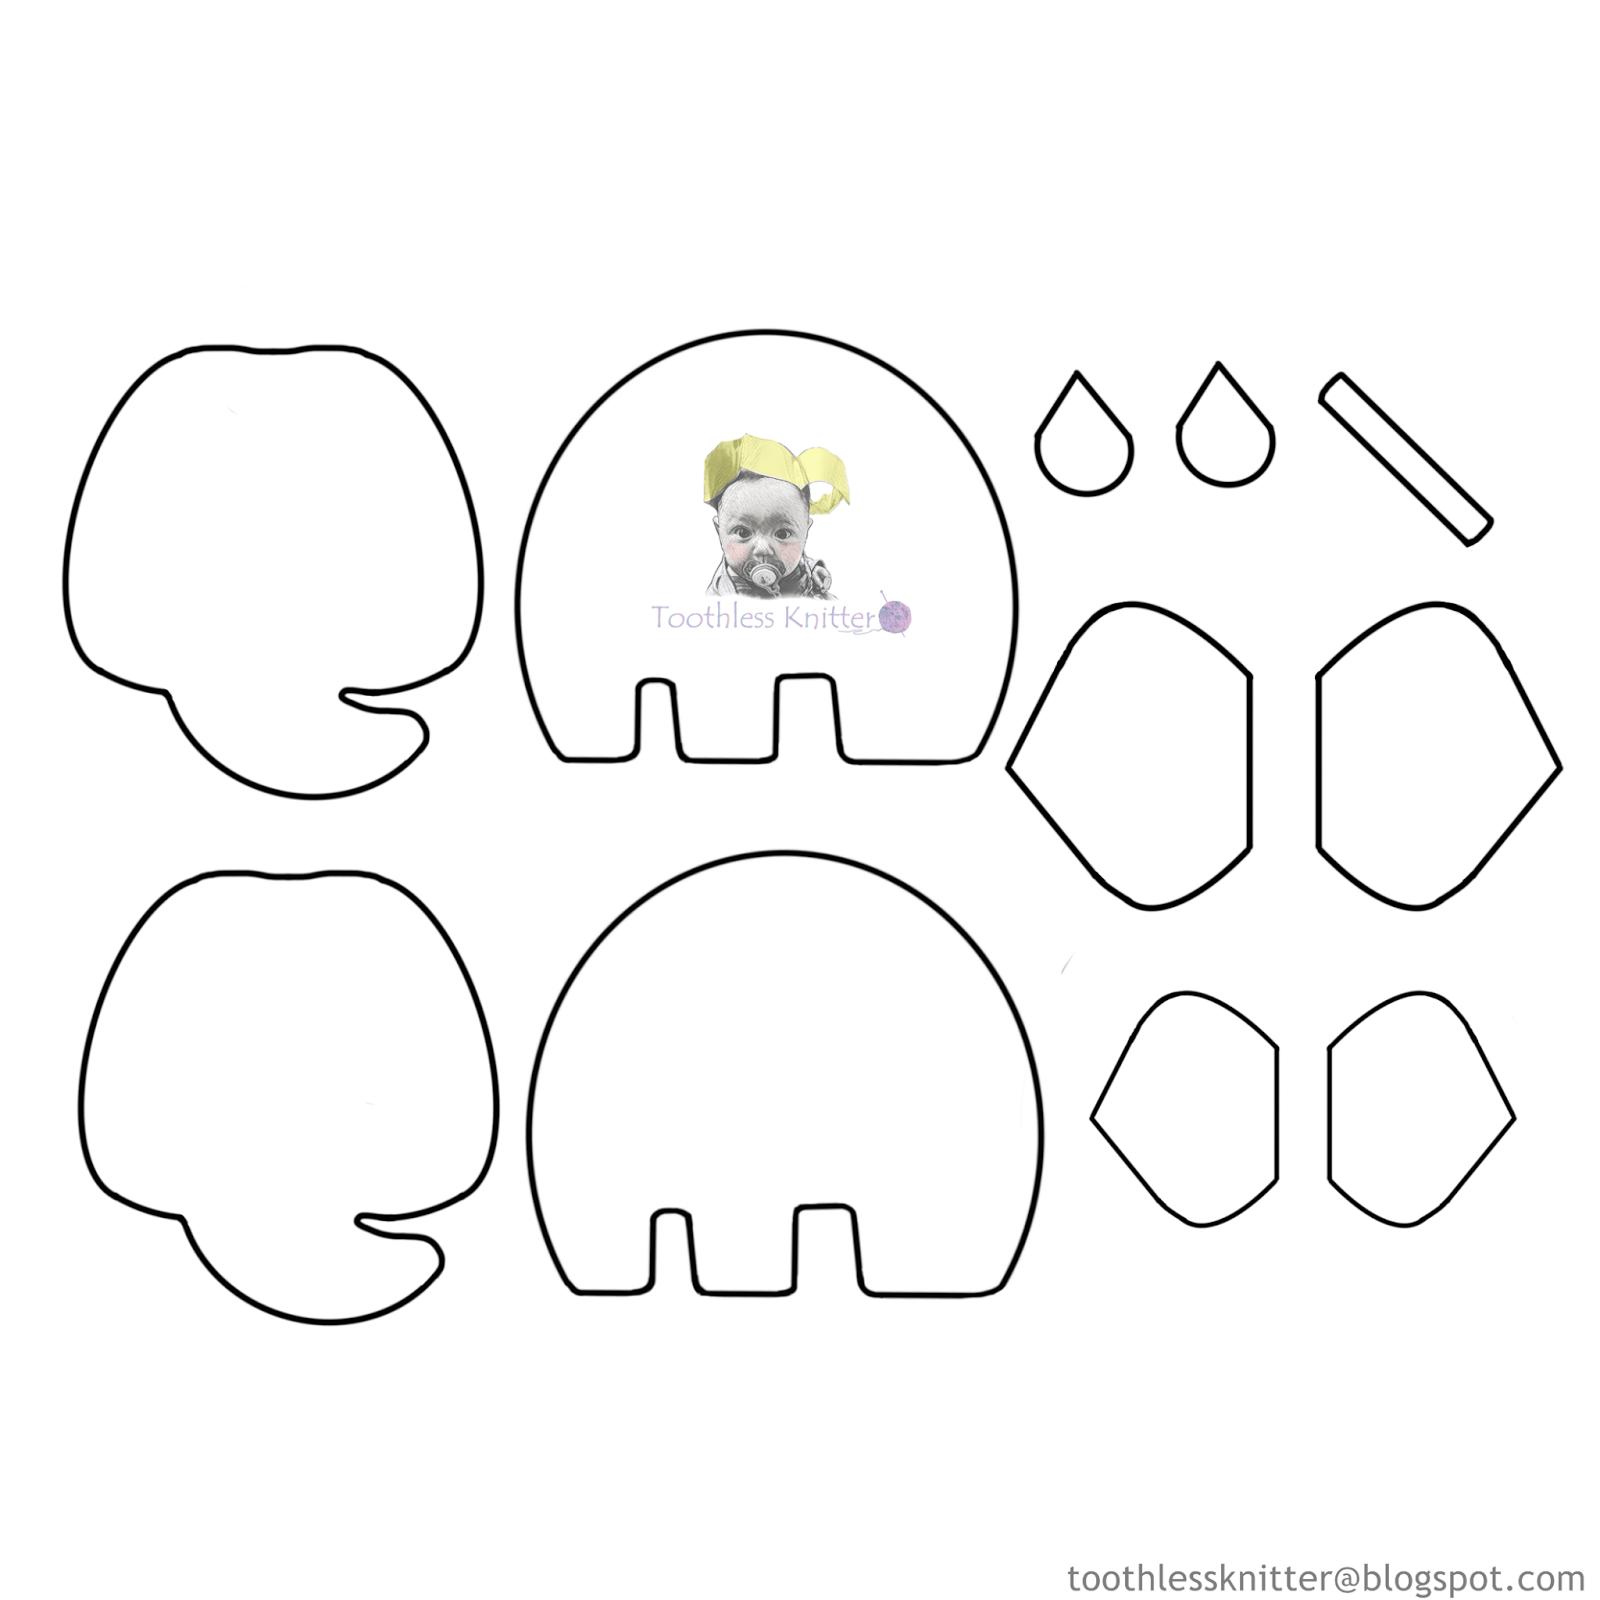 Felt Baby Name Banner for Nursery - Elephant/ Filcowy Baner Imienny do Pokoju Dziecięcego - Słoń